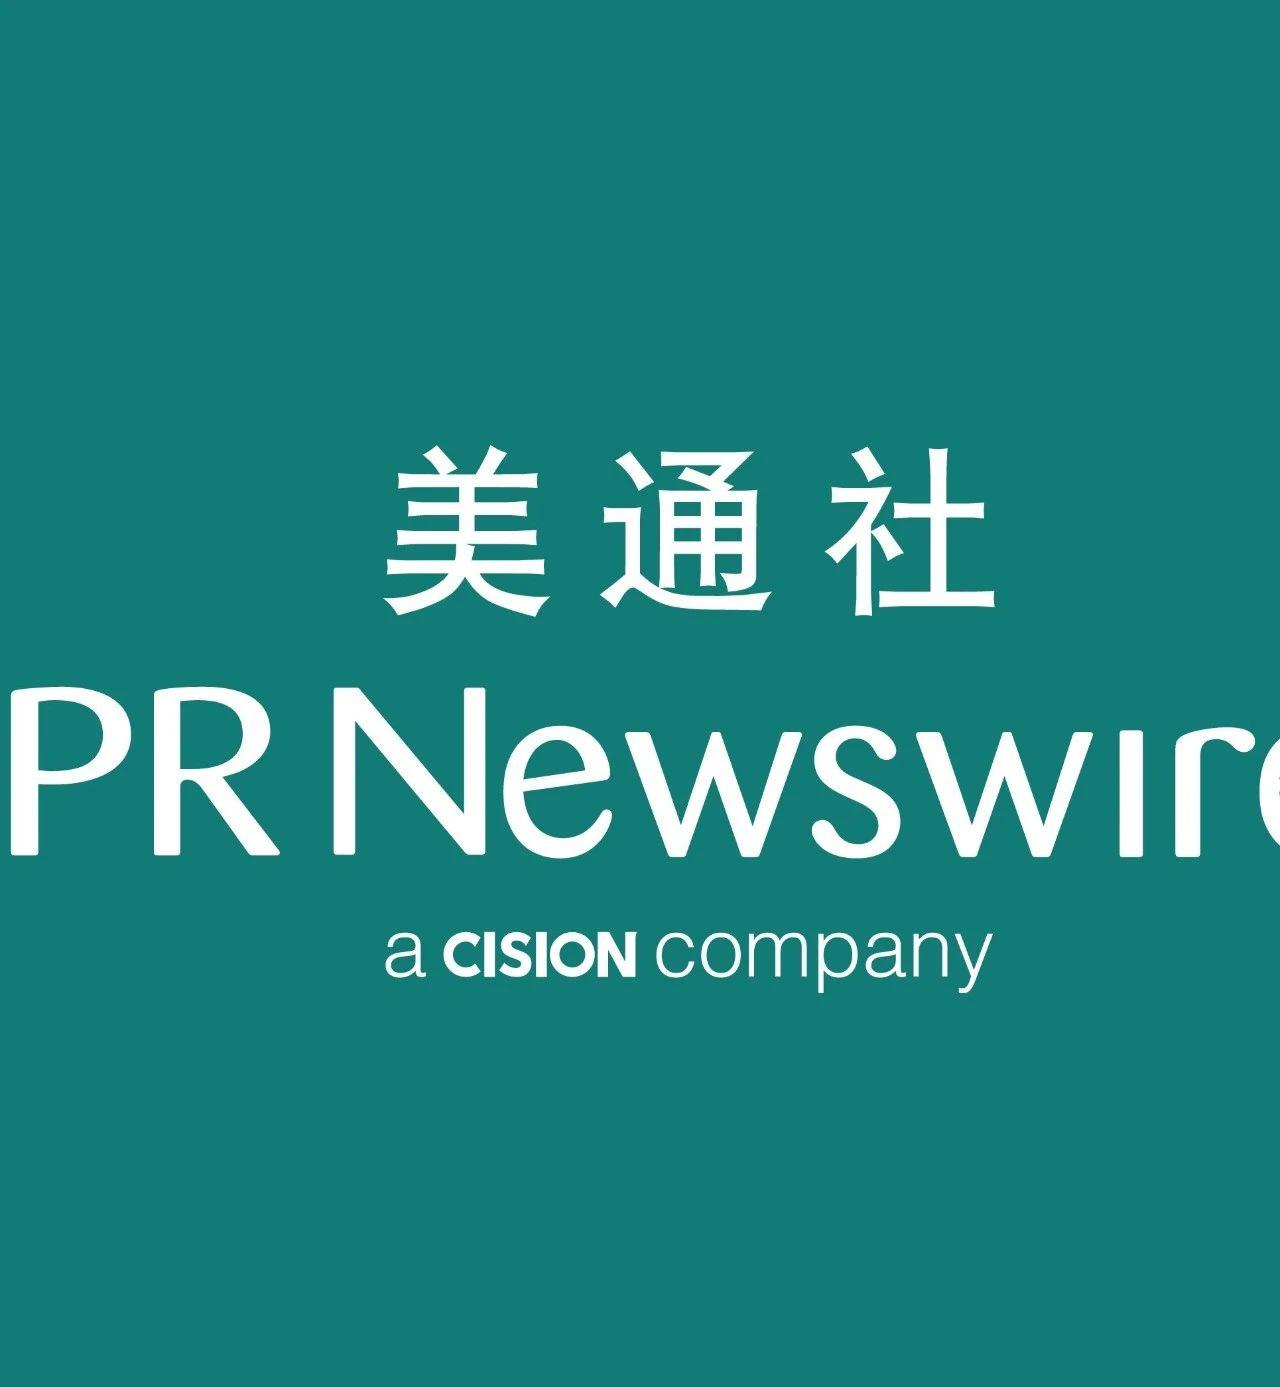 汉高任命荣杰为大中华区总裁;沃尔玛中国2021届校招正式启动 | 美通企业日报